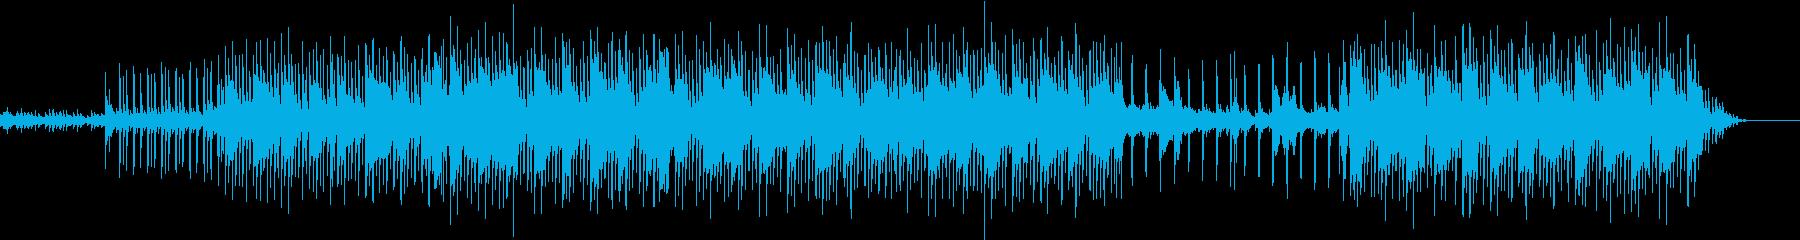 くつろいだネコのイメージのポップスの再生済みの波形